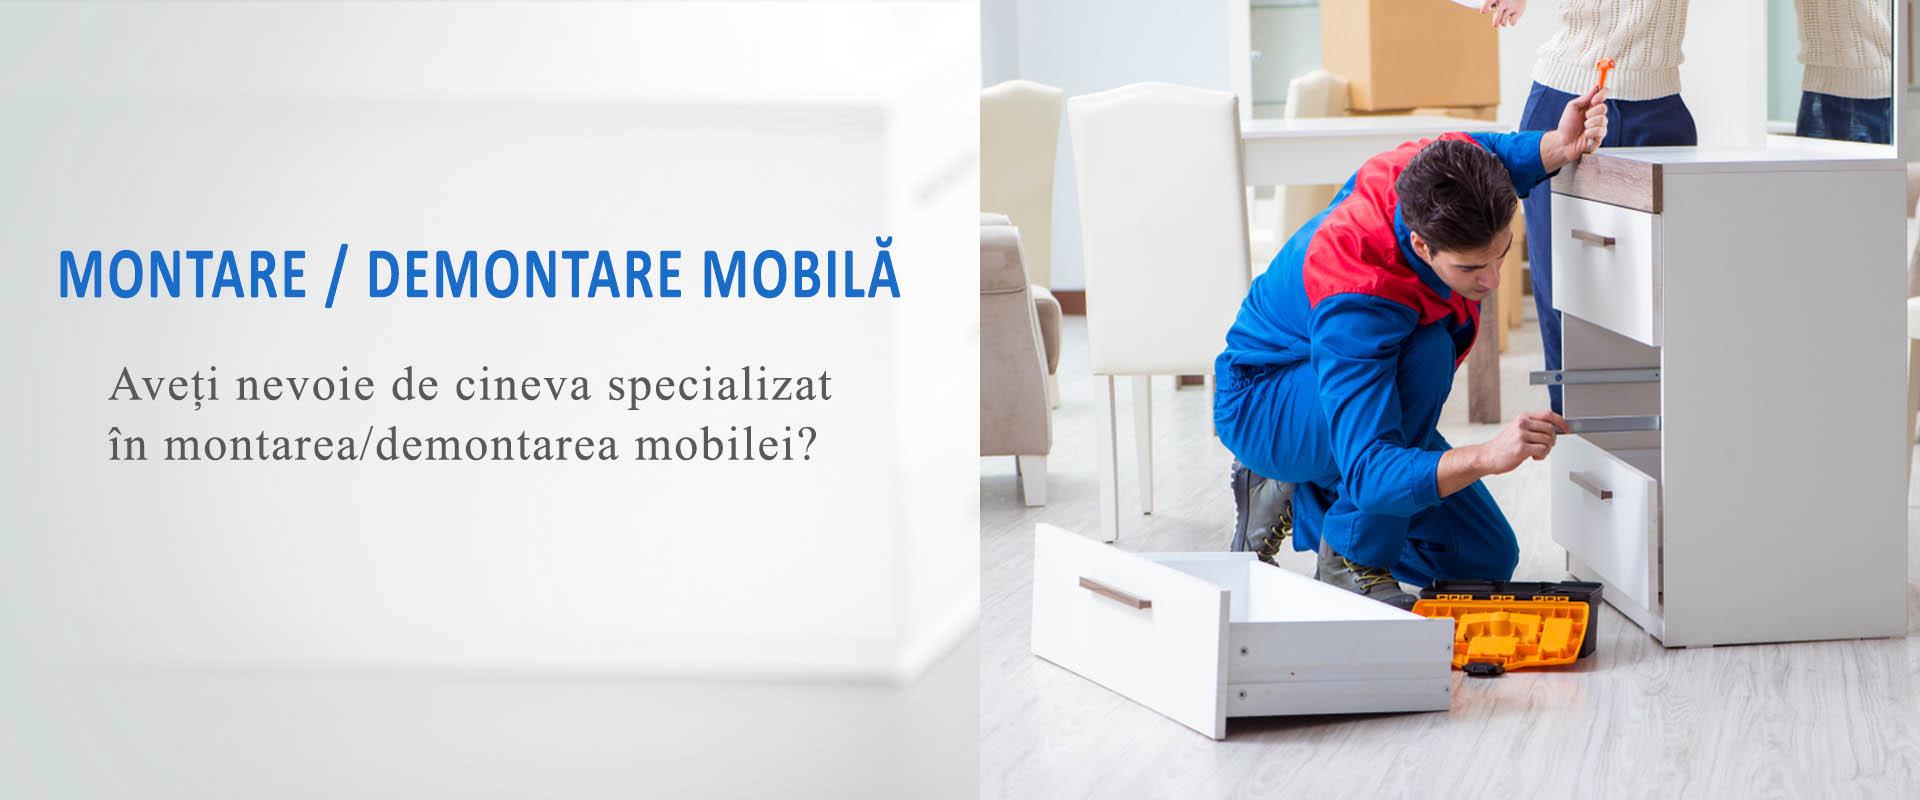 Montare si demontare mobila Bucuresti